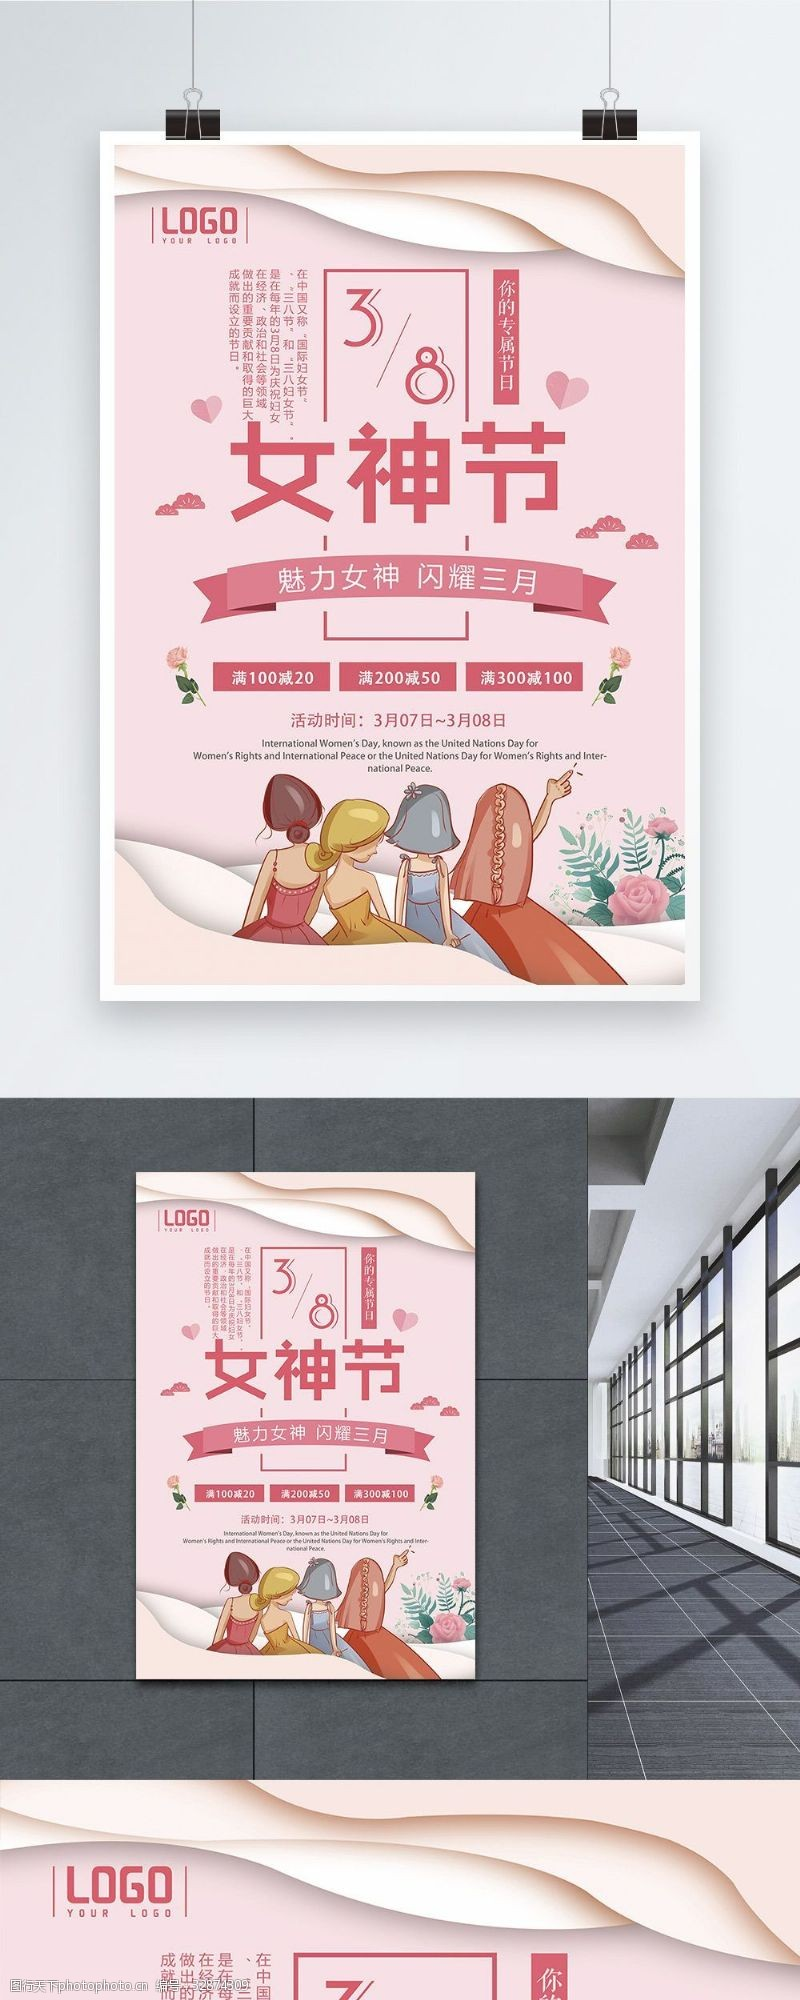 6月促销38妇女节女神节三月促销海报